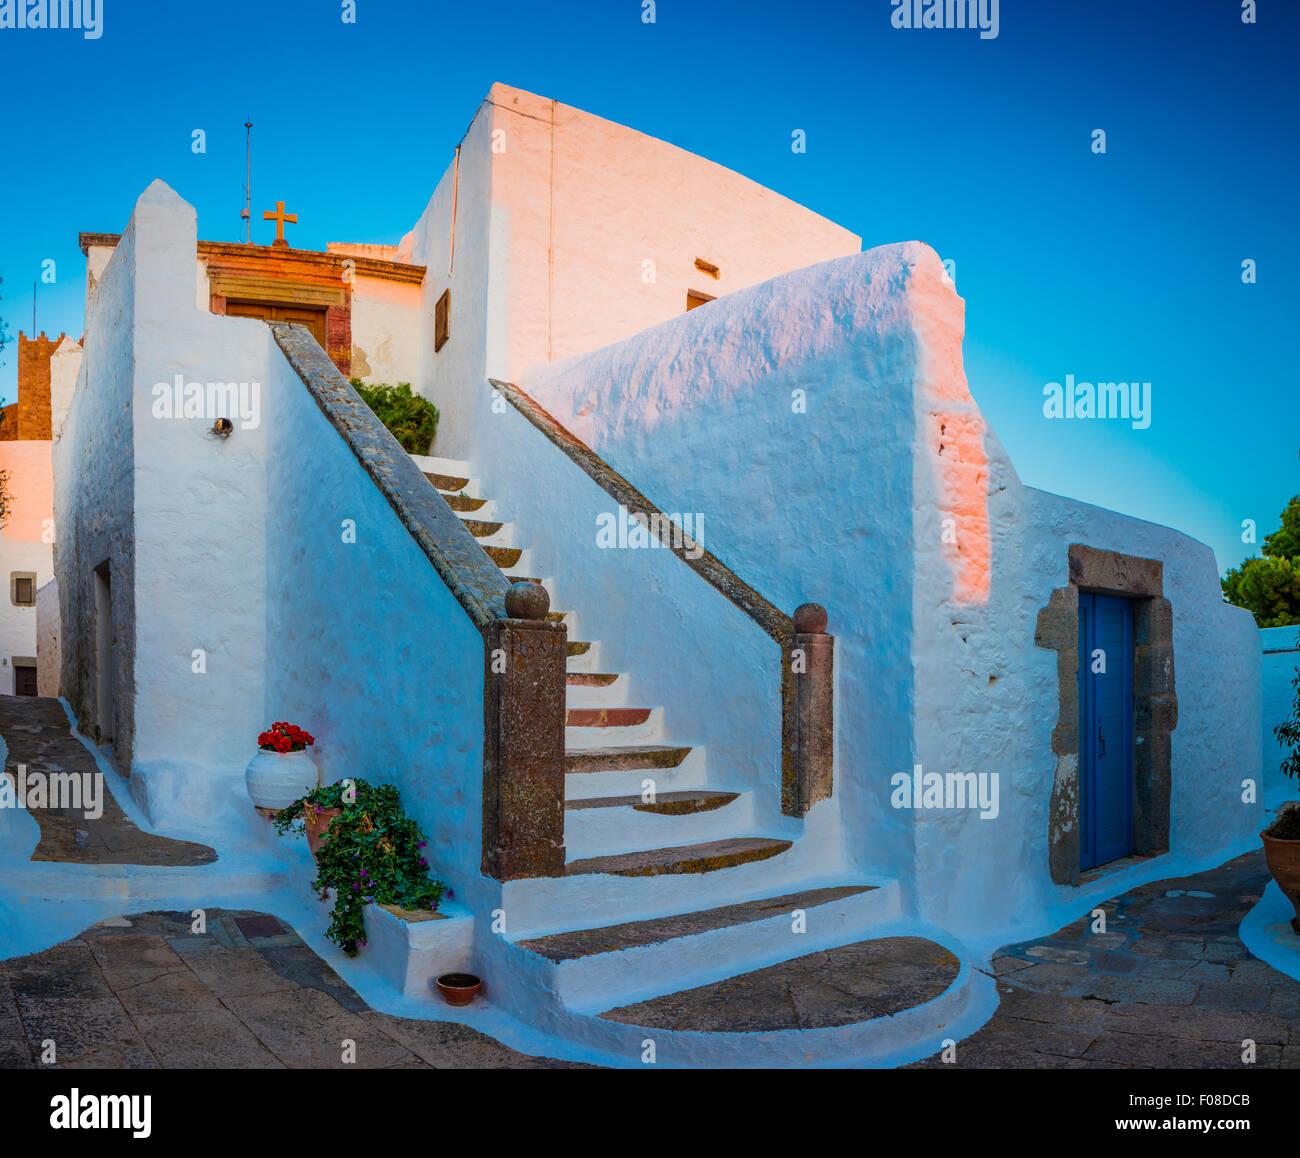 Chapelle dans la ville de Chora sur l'île de Patmos en Grèce. Photo Stock